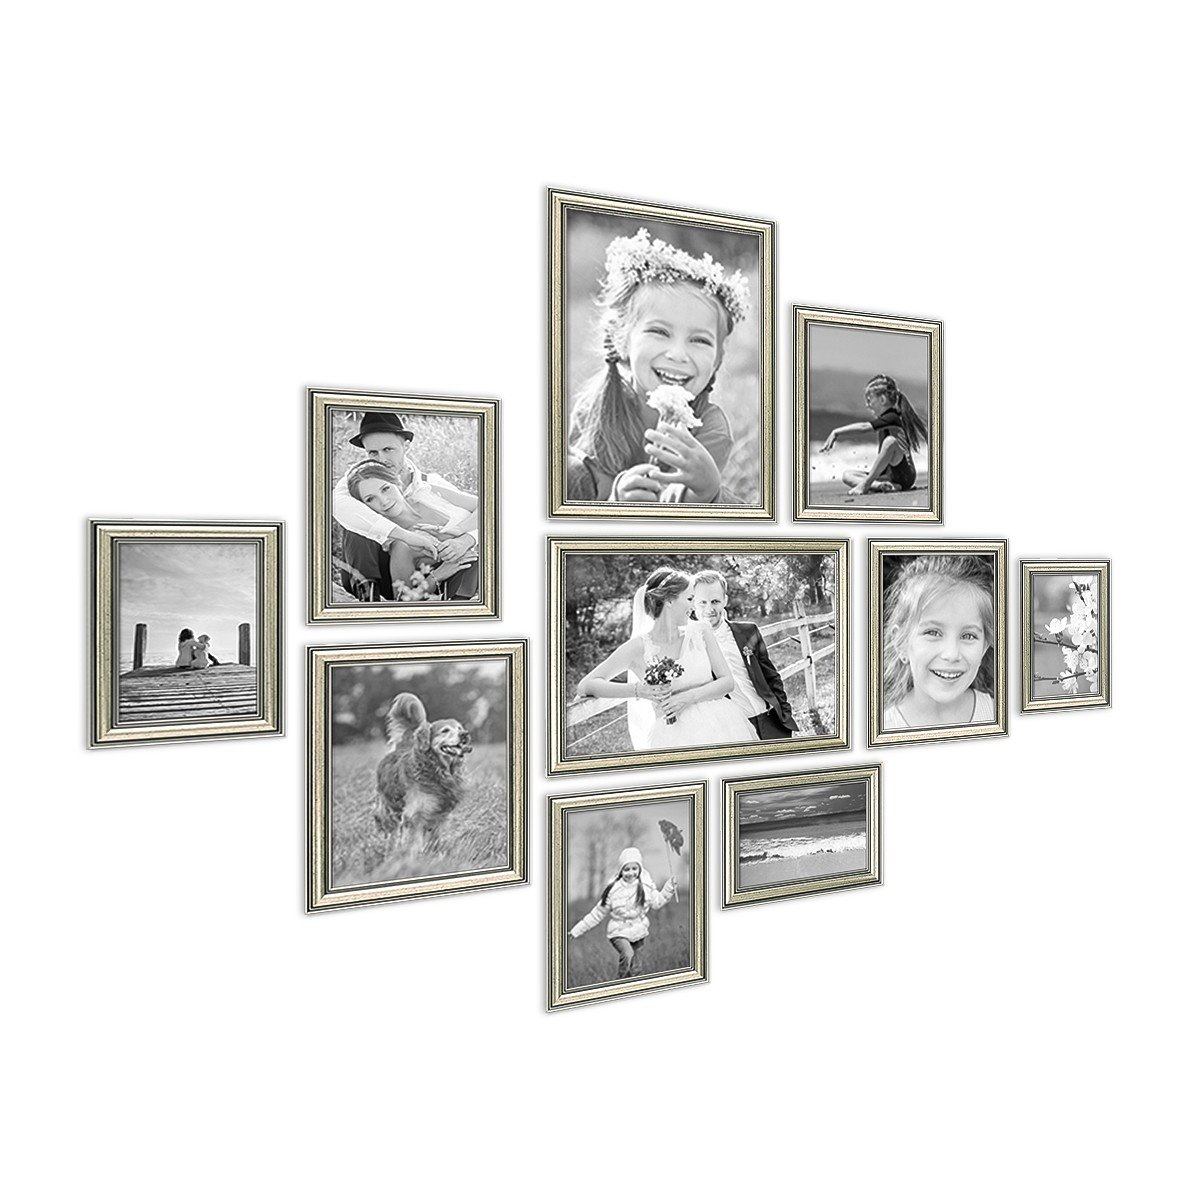 PHOTOLINI 10er Bilderrahmen-Collage Silber Barock Antik aus ...